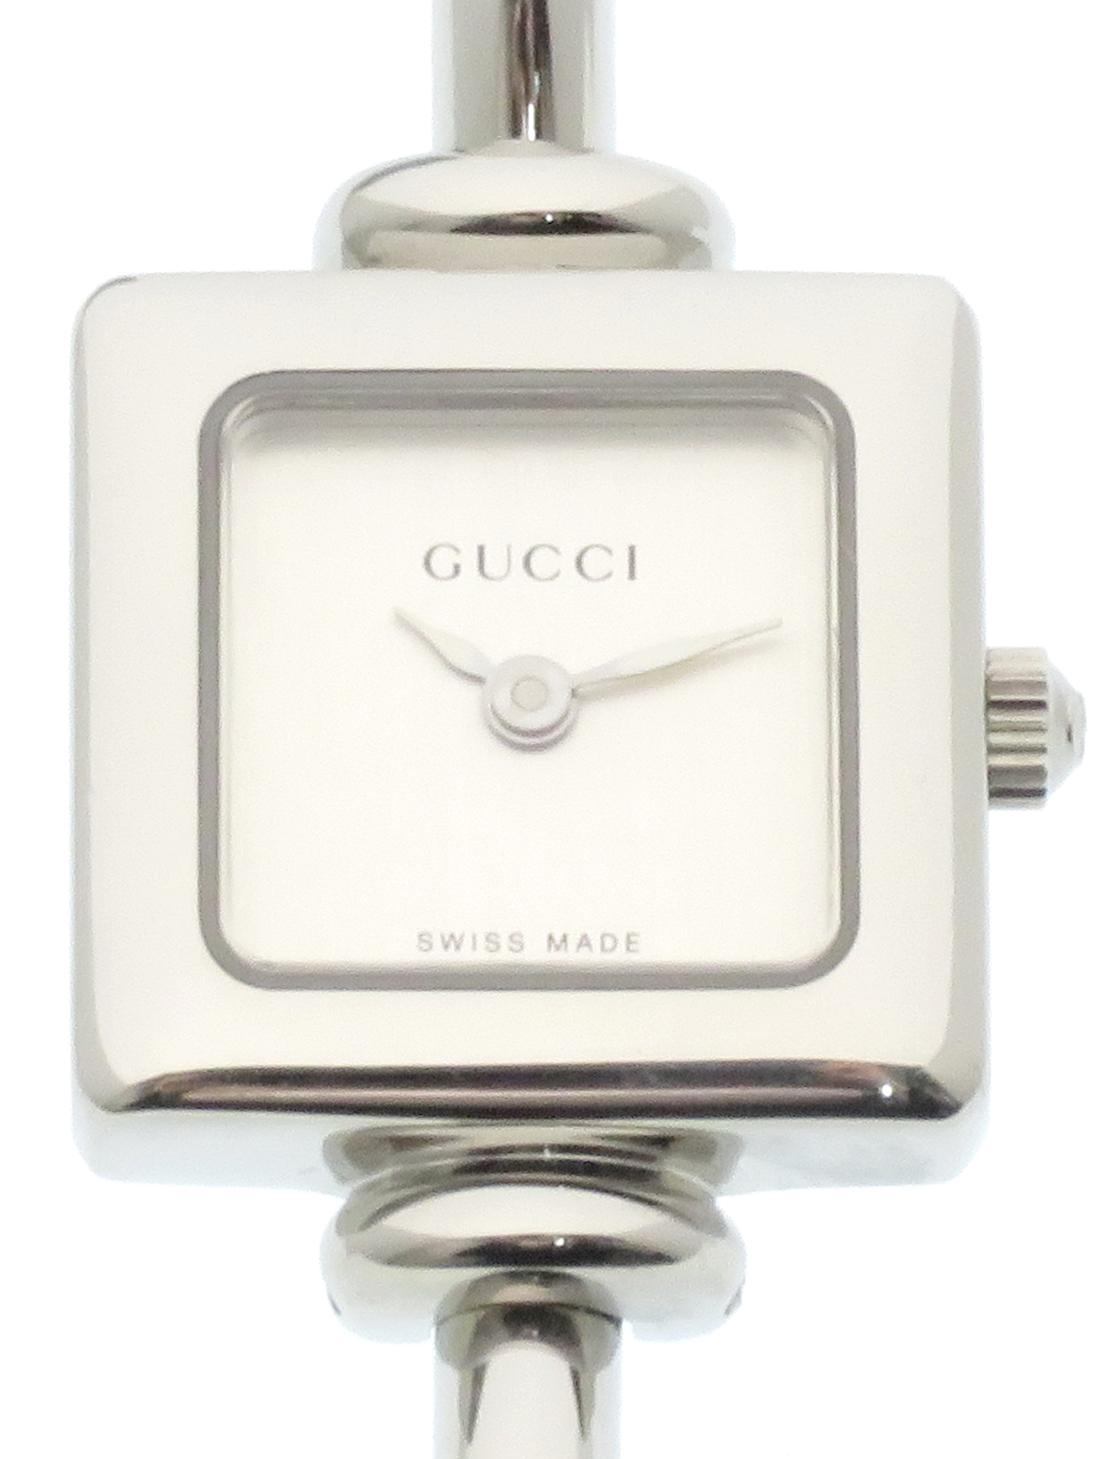 GUCCI グッチ 1900L ステンレススチール シルバー文字盤 クォーツ レディース腕時計 【437】